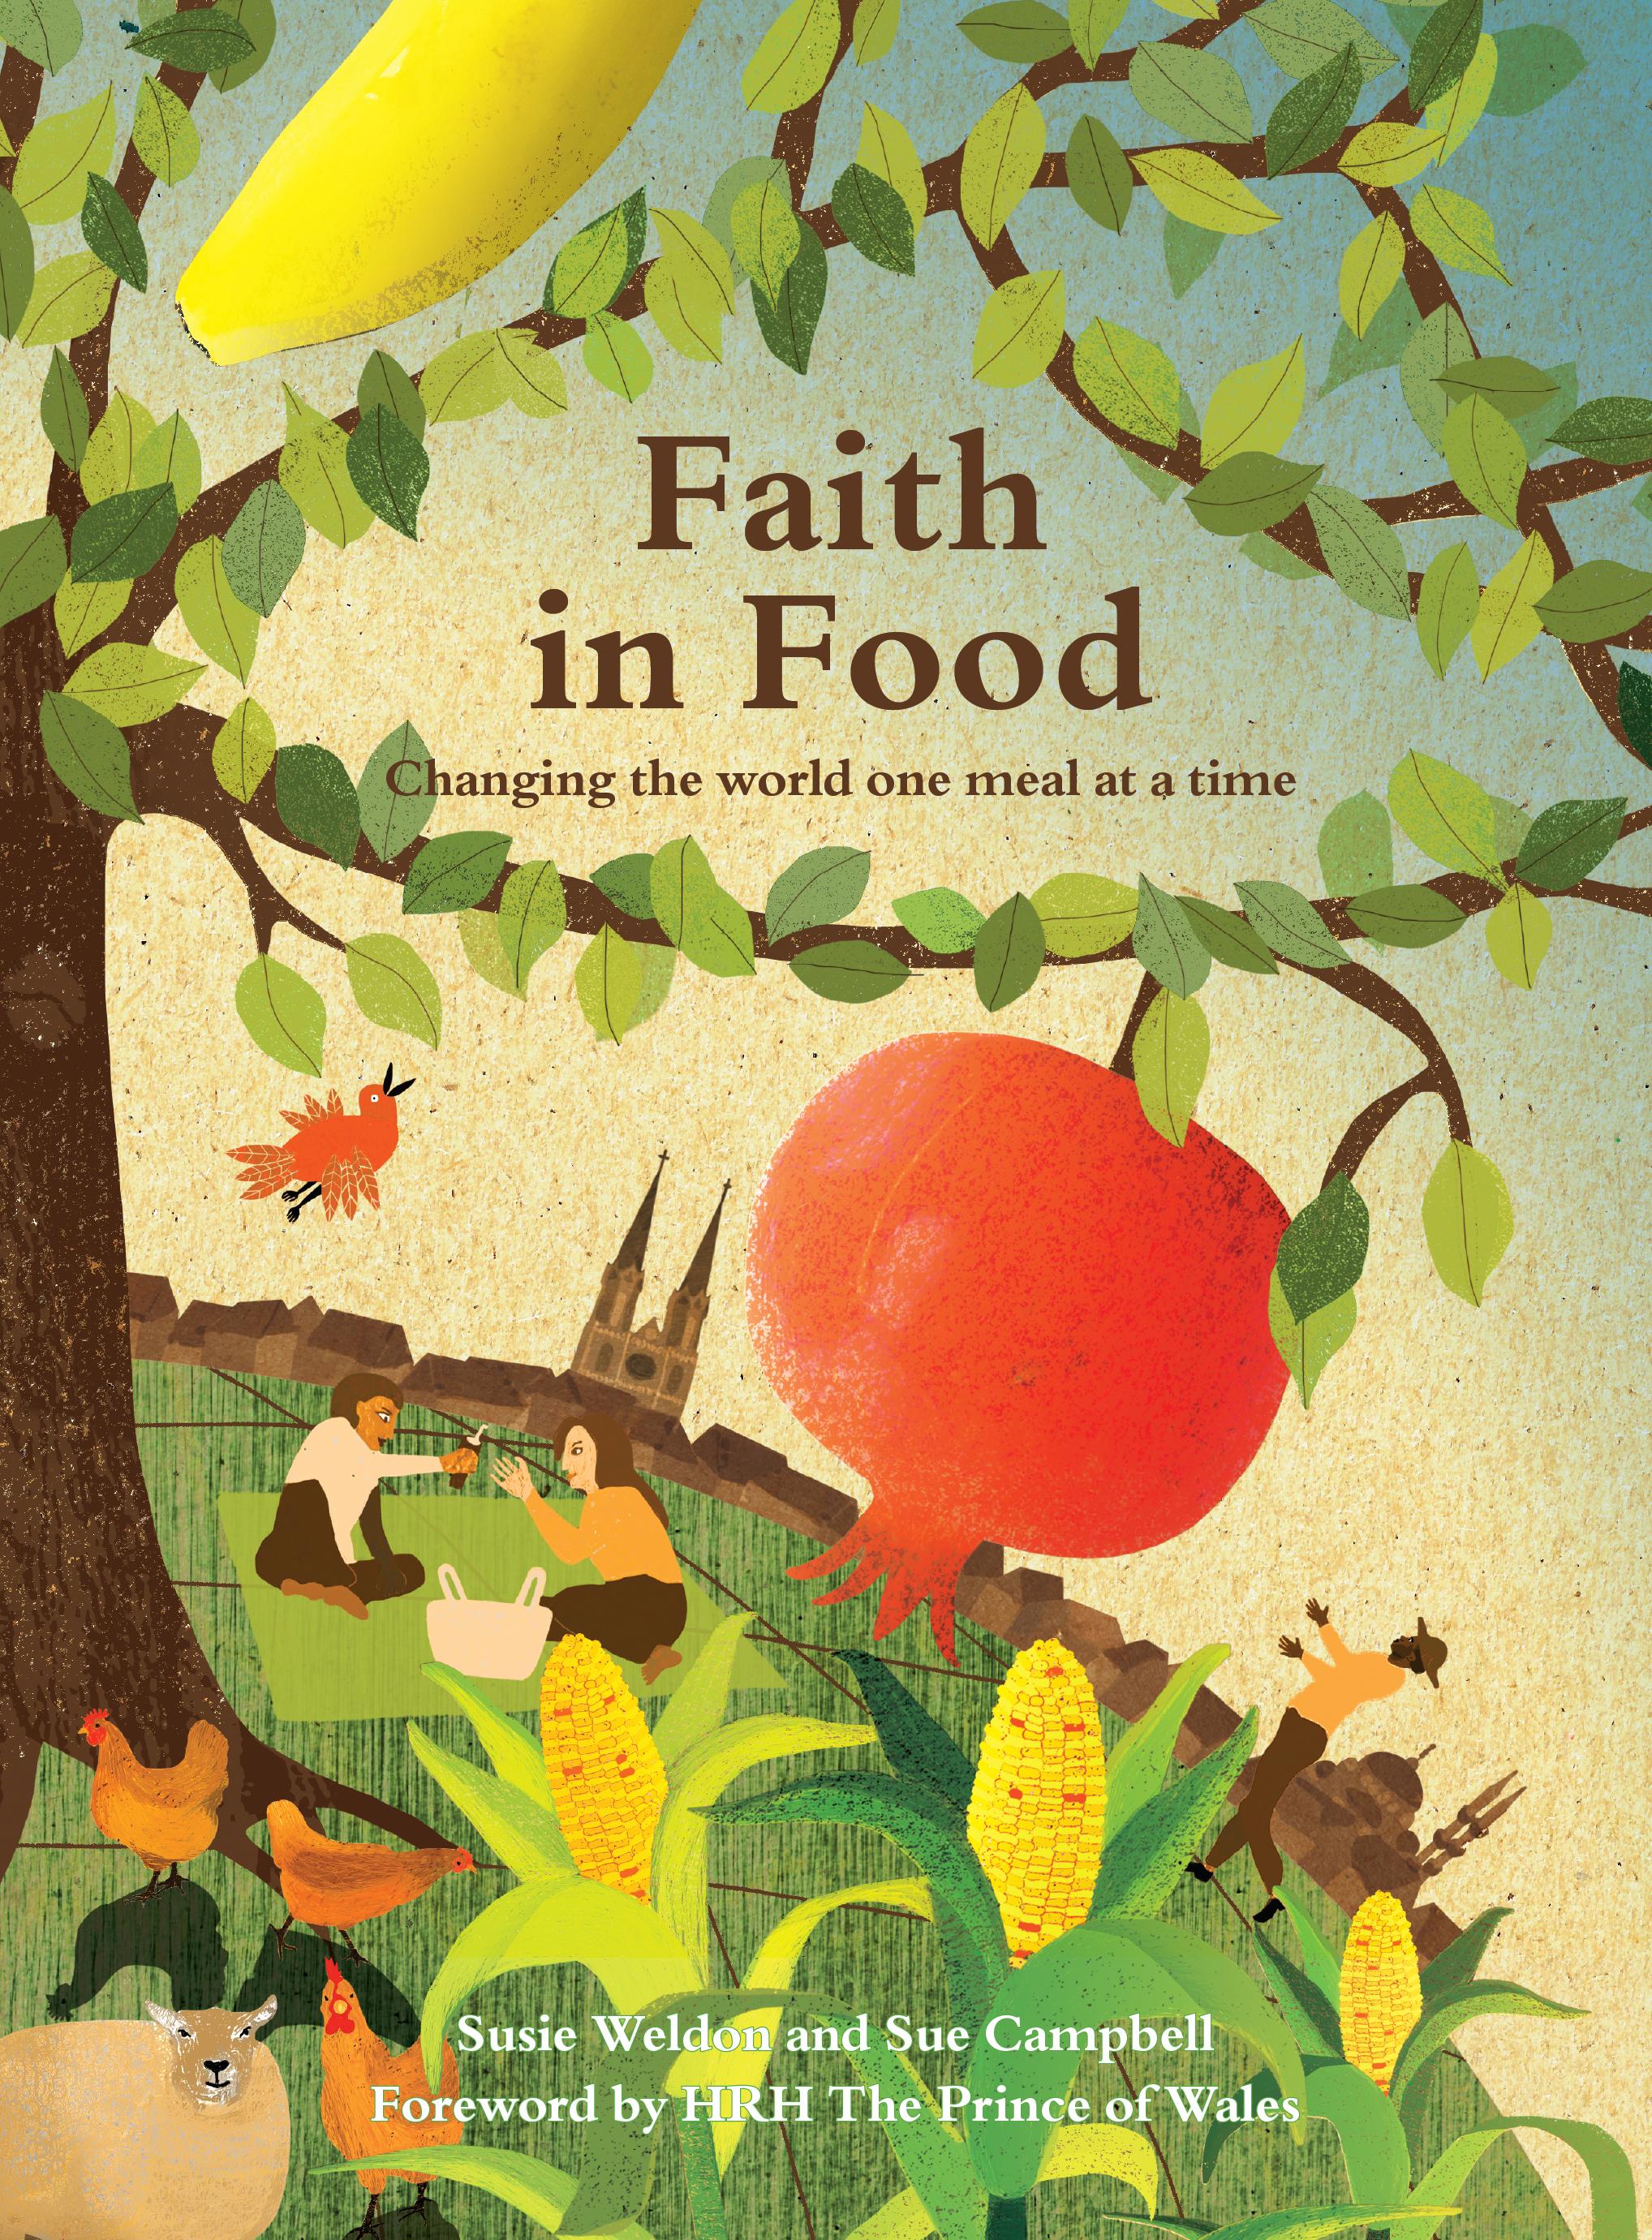 FAITH IN FOOD